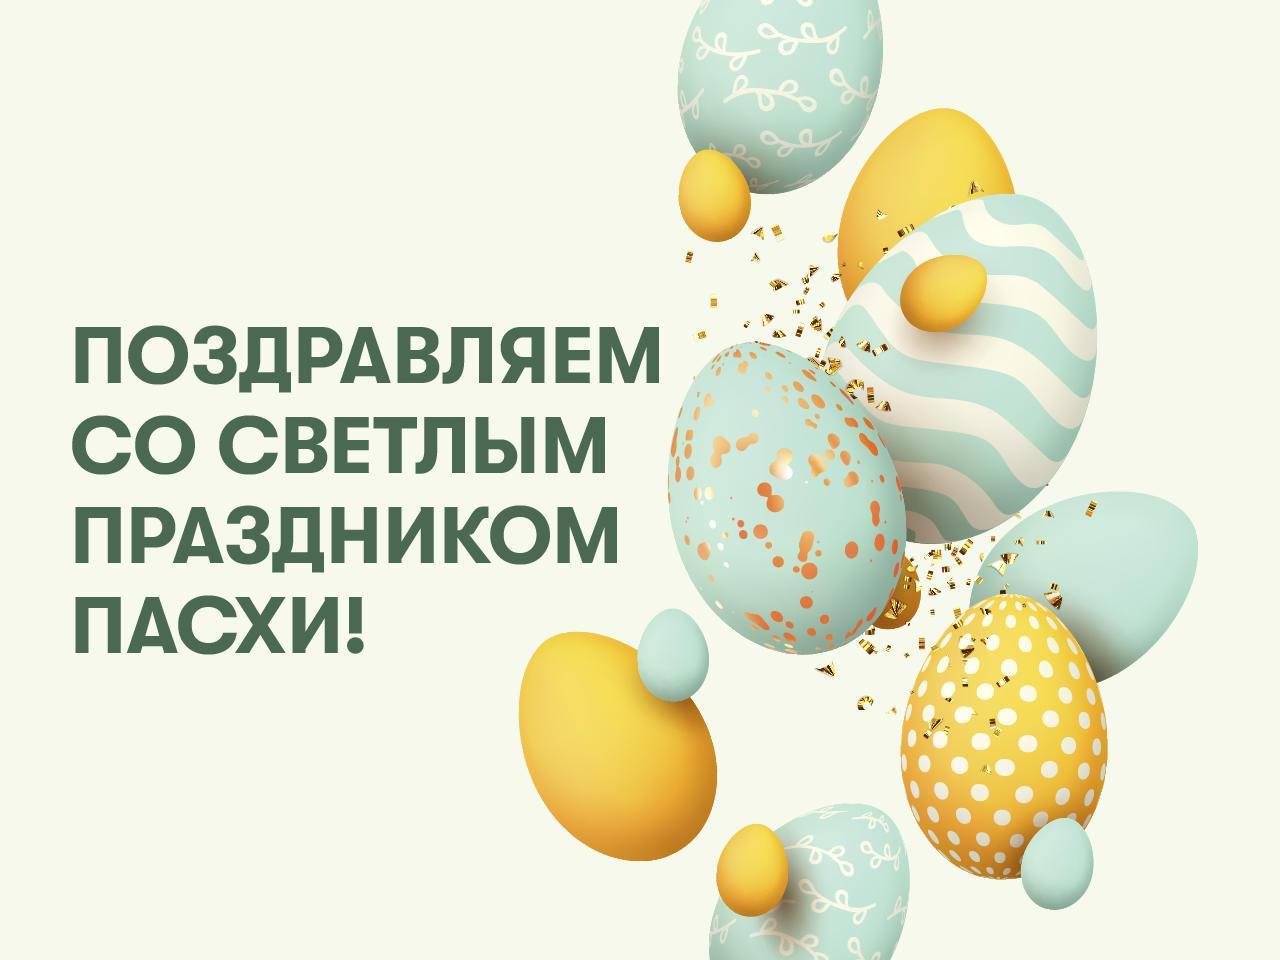 С Христовым Воскресением!